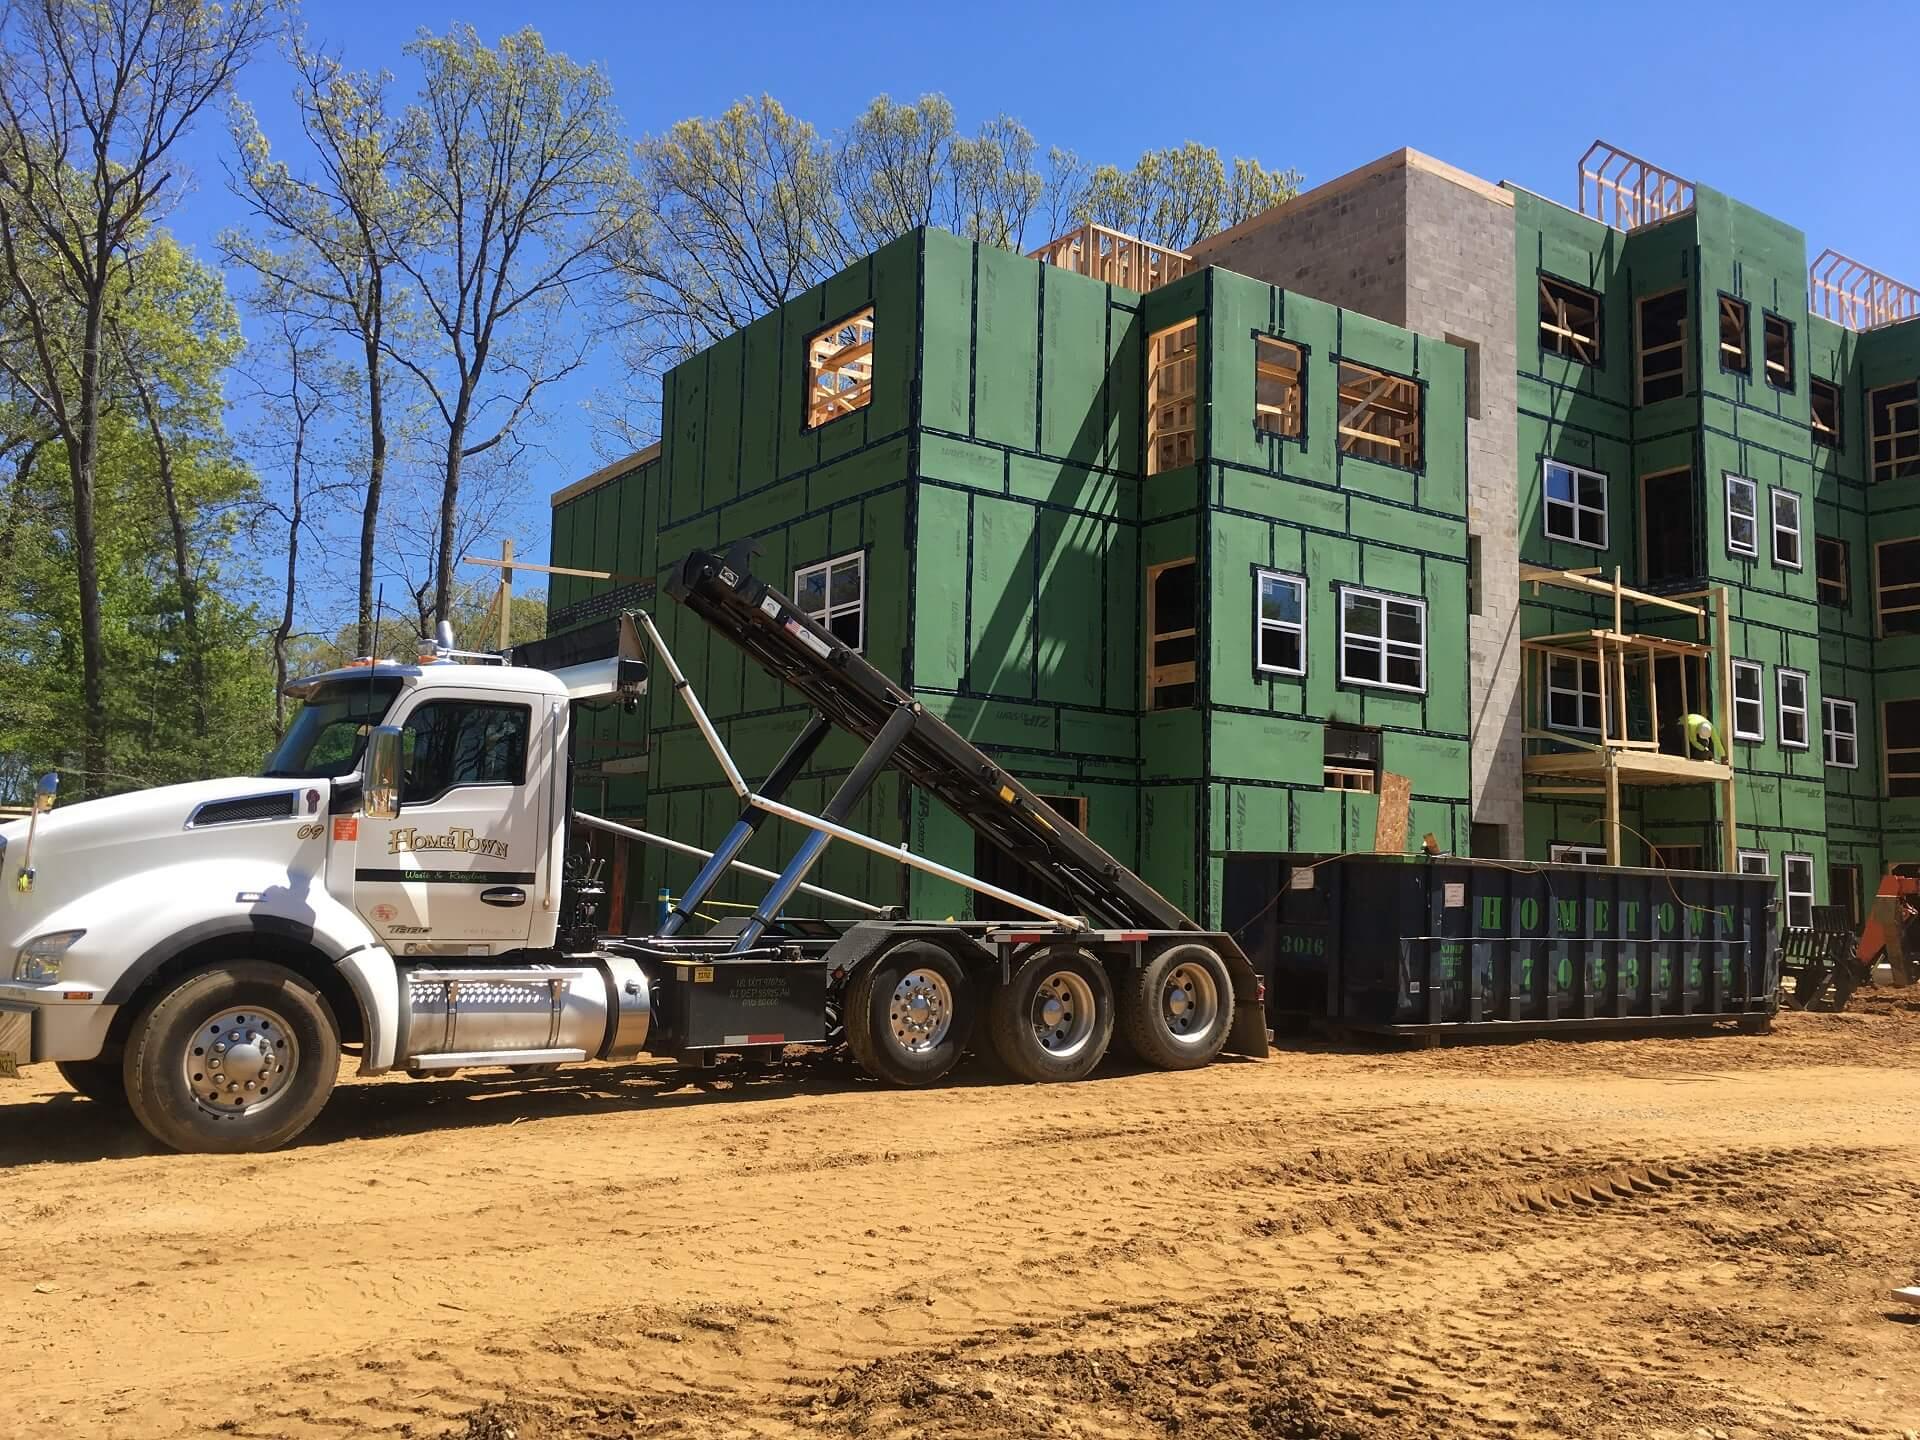 Commercial Demolition Dumpster Services-Colorado's Premier Dumpster Rental Services